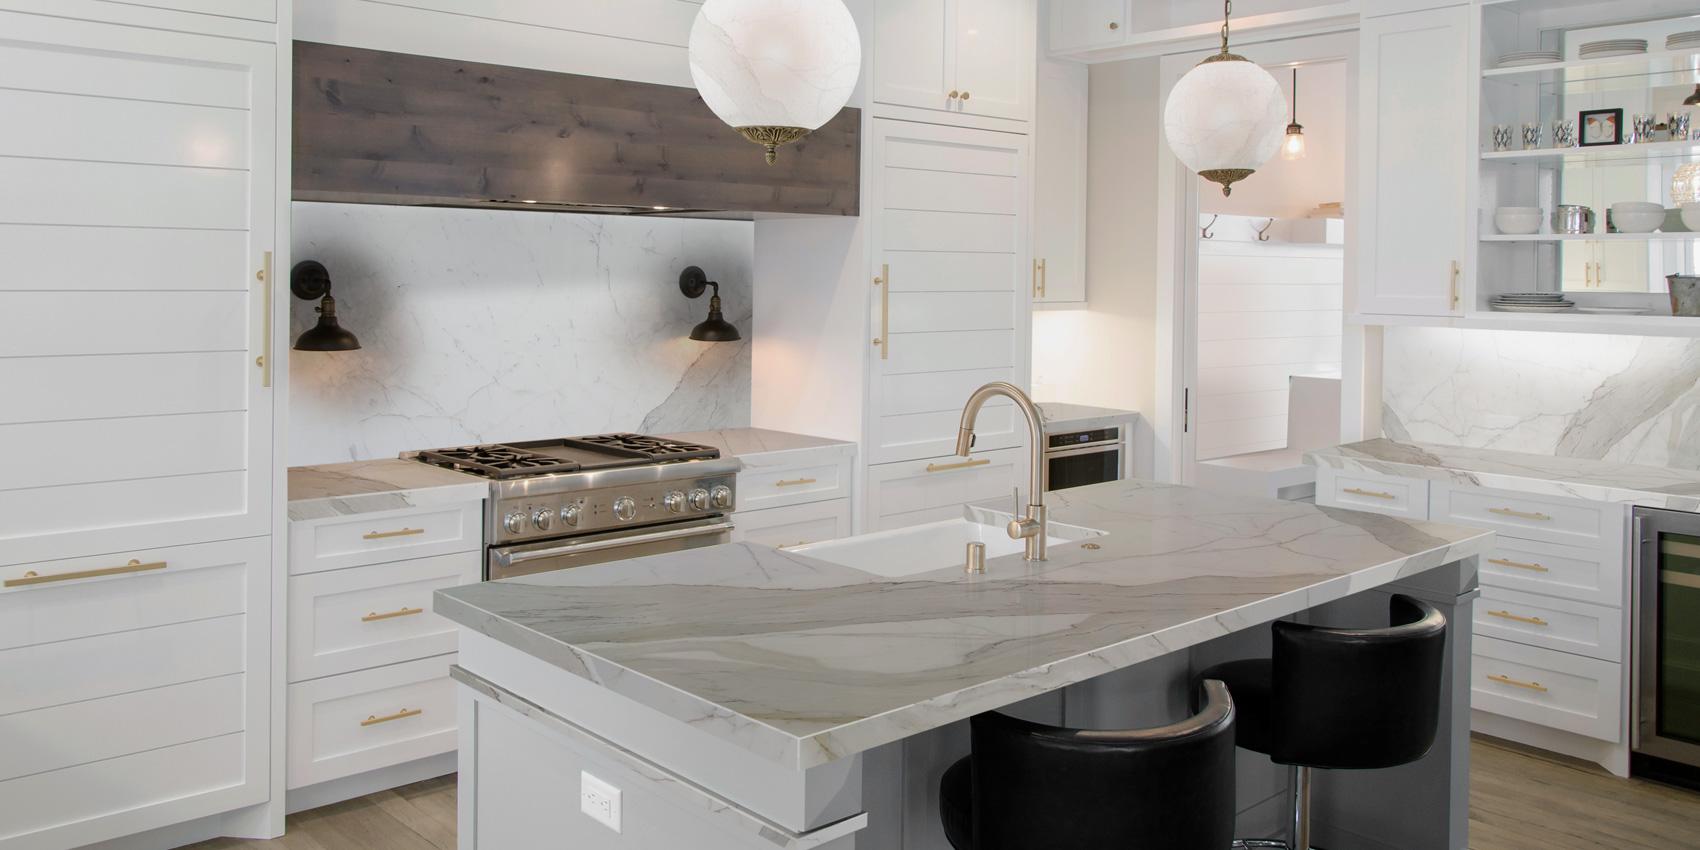 Realizzazioni: Top Cucina in marmo, lavandino in marmo